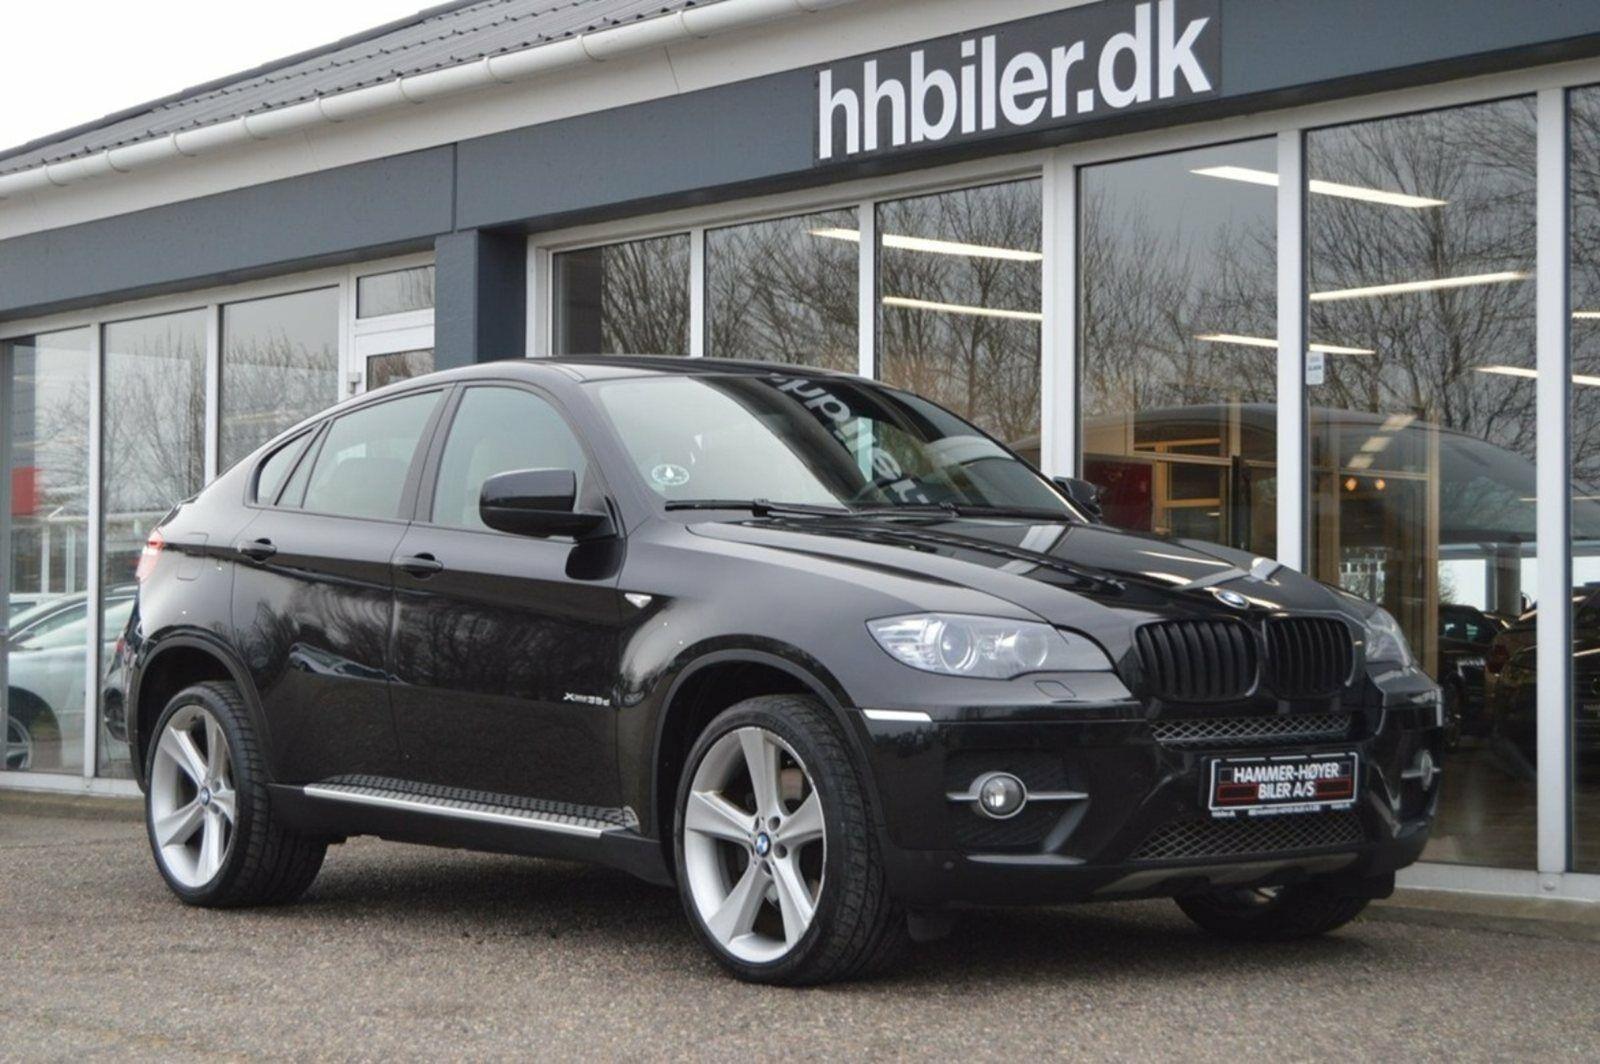 BMW X6 3,0 xDrive35d aut. 5d - 379.500 kr.